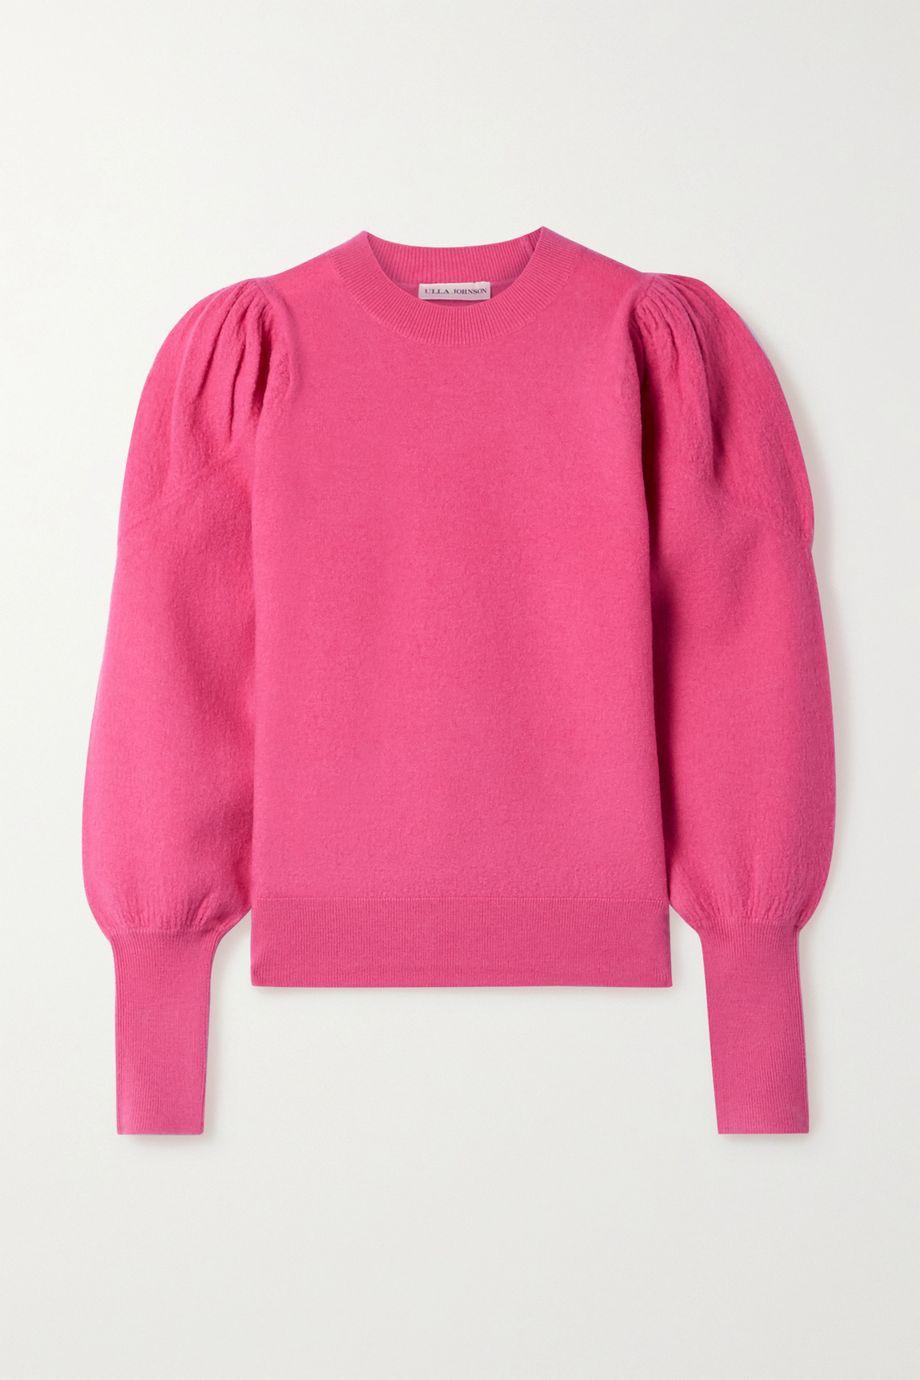 Ulla Johnson Katerina merino wool sweater